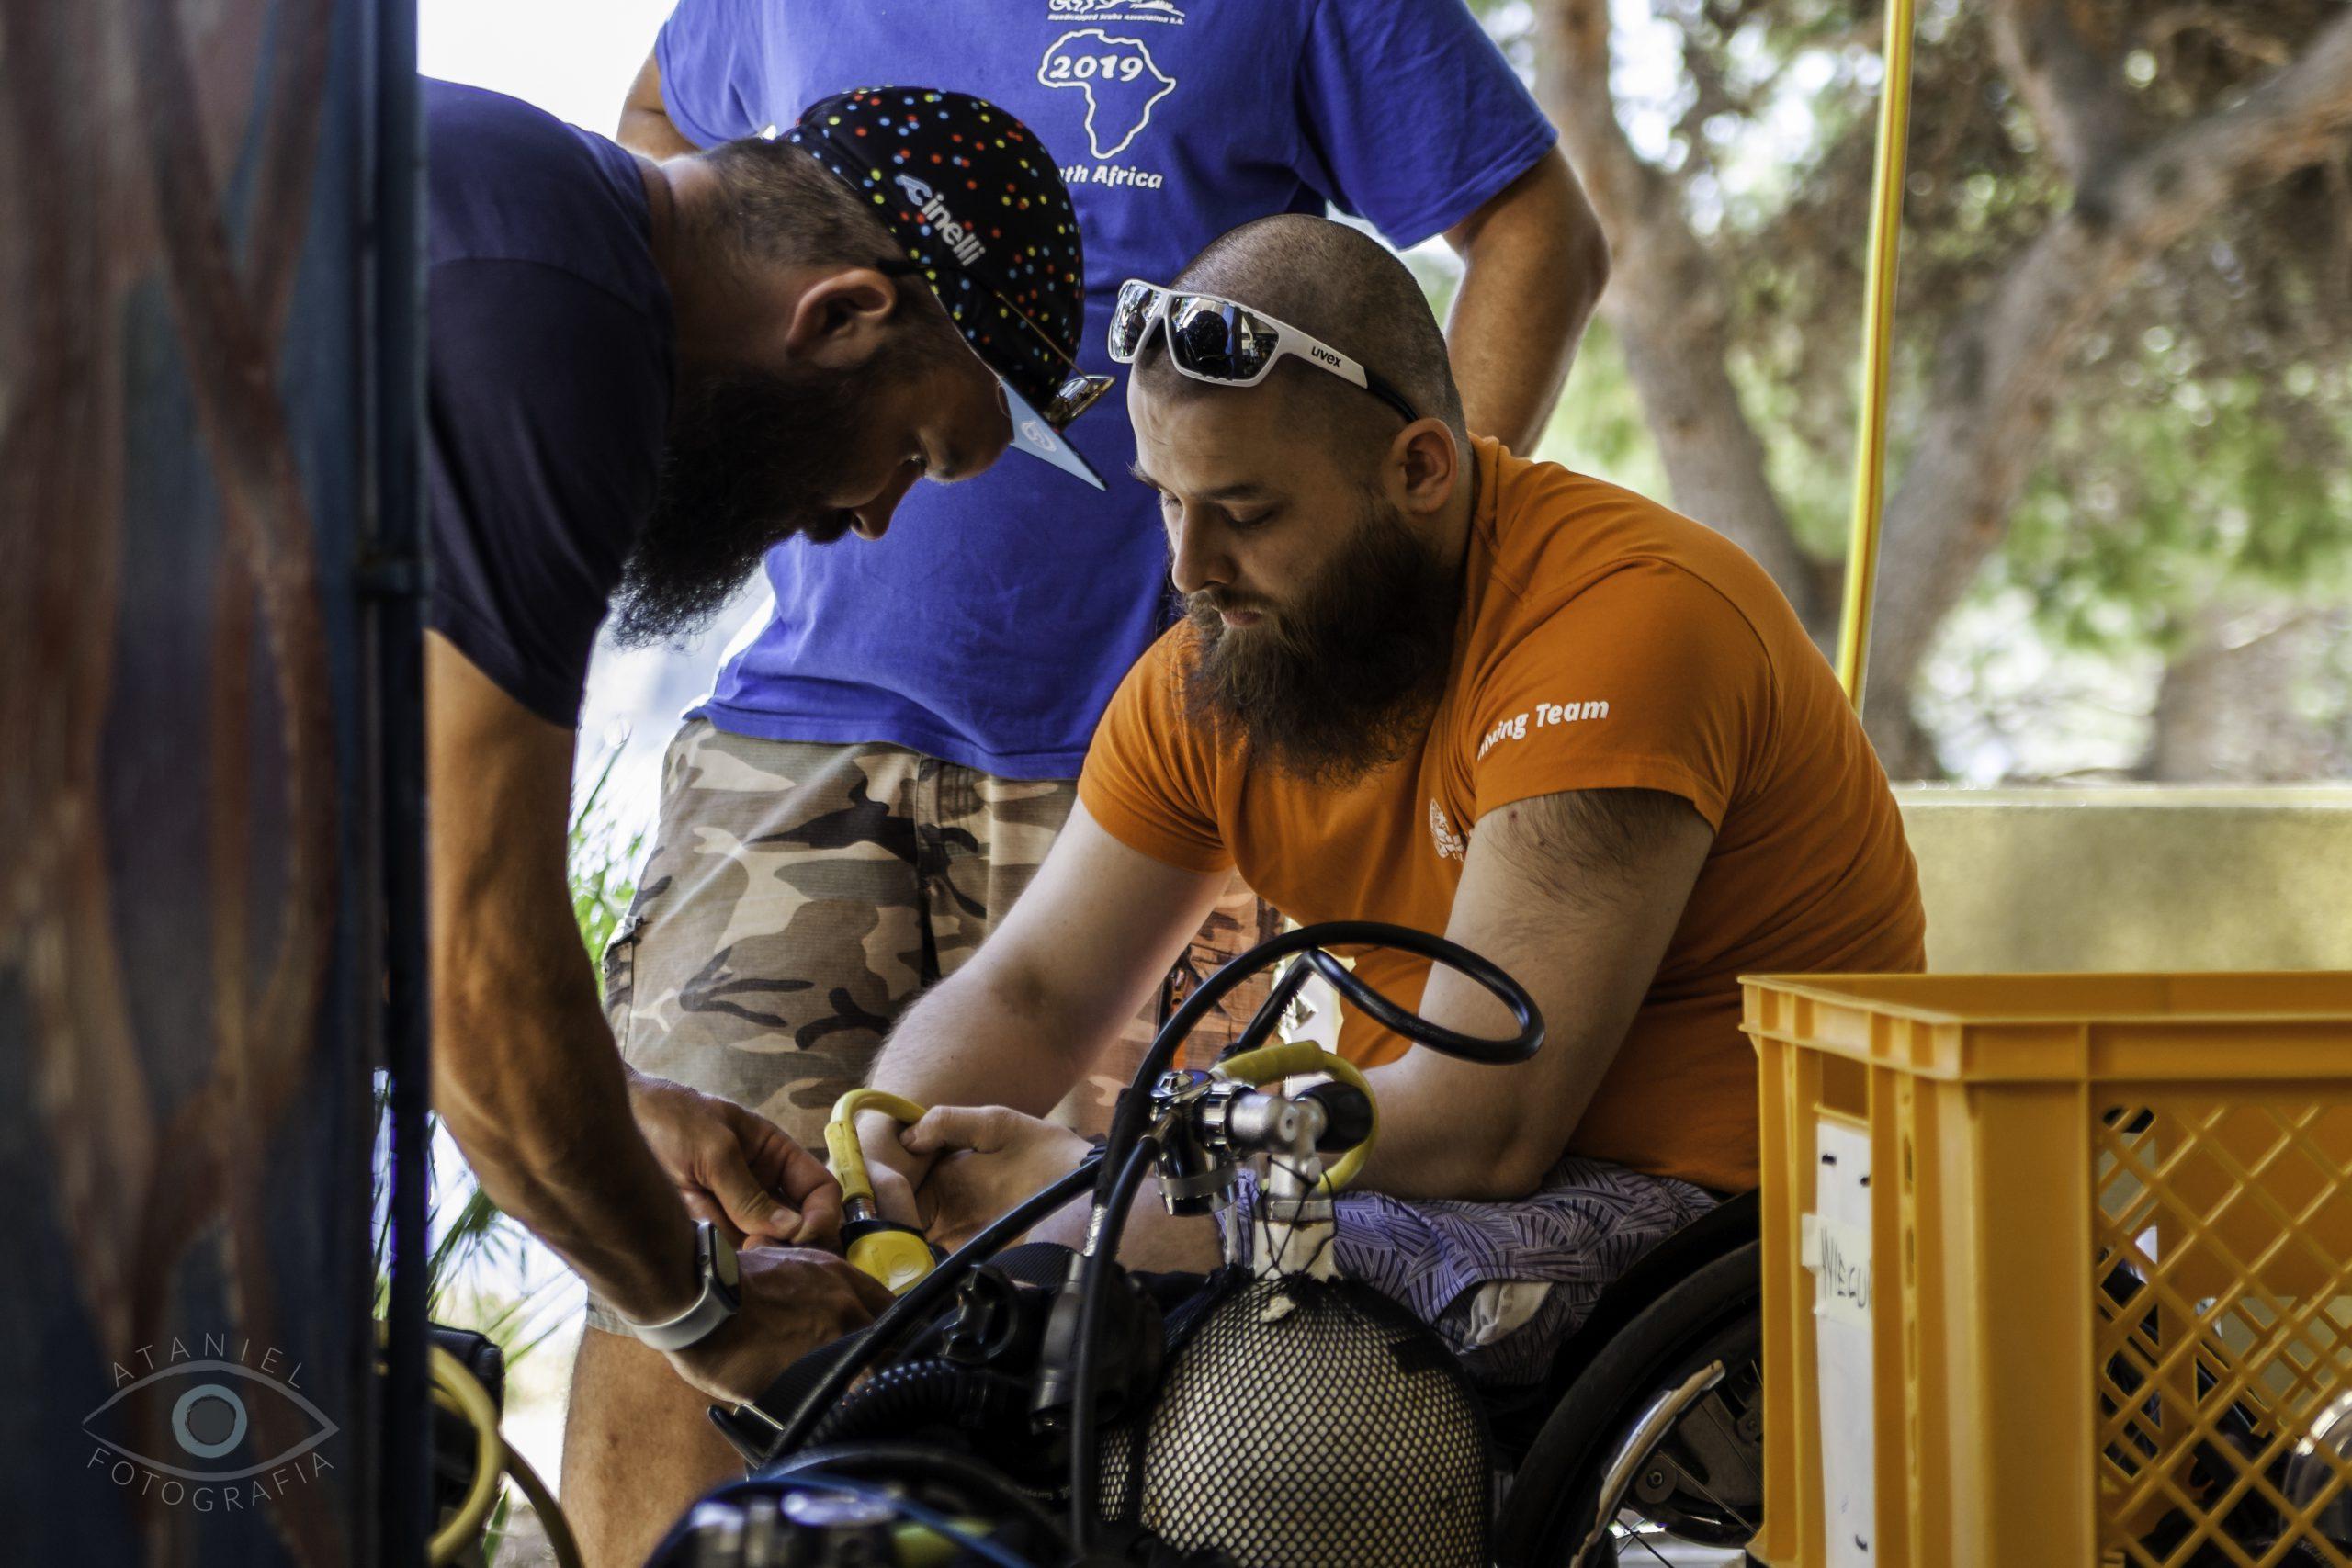 Męzczyzna na wózku montuje sprzęt nurkowy. Obok pochyla się drugi, pomagając mu.